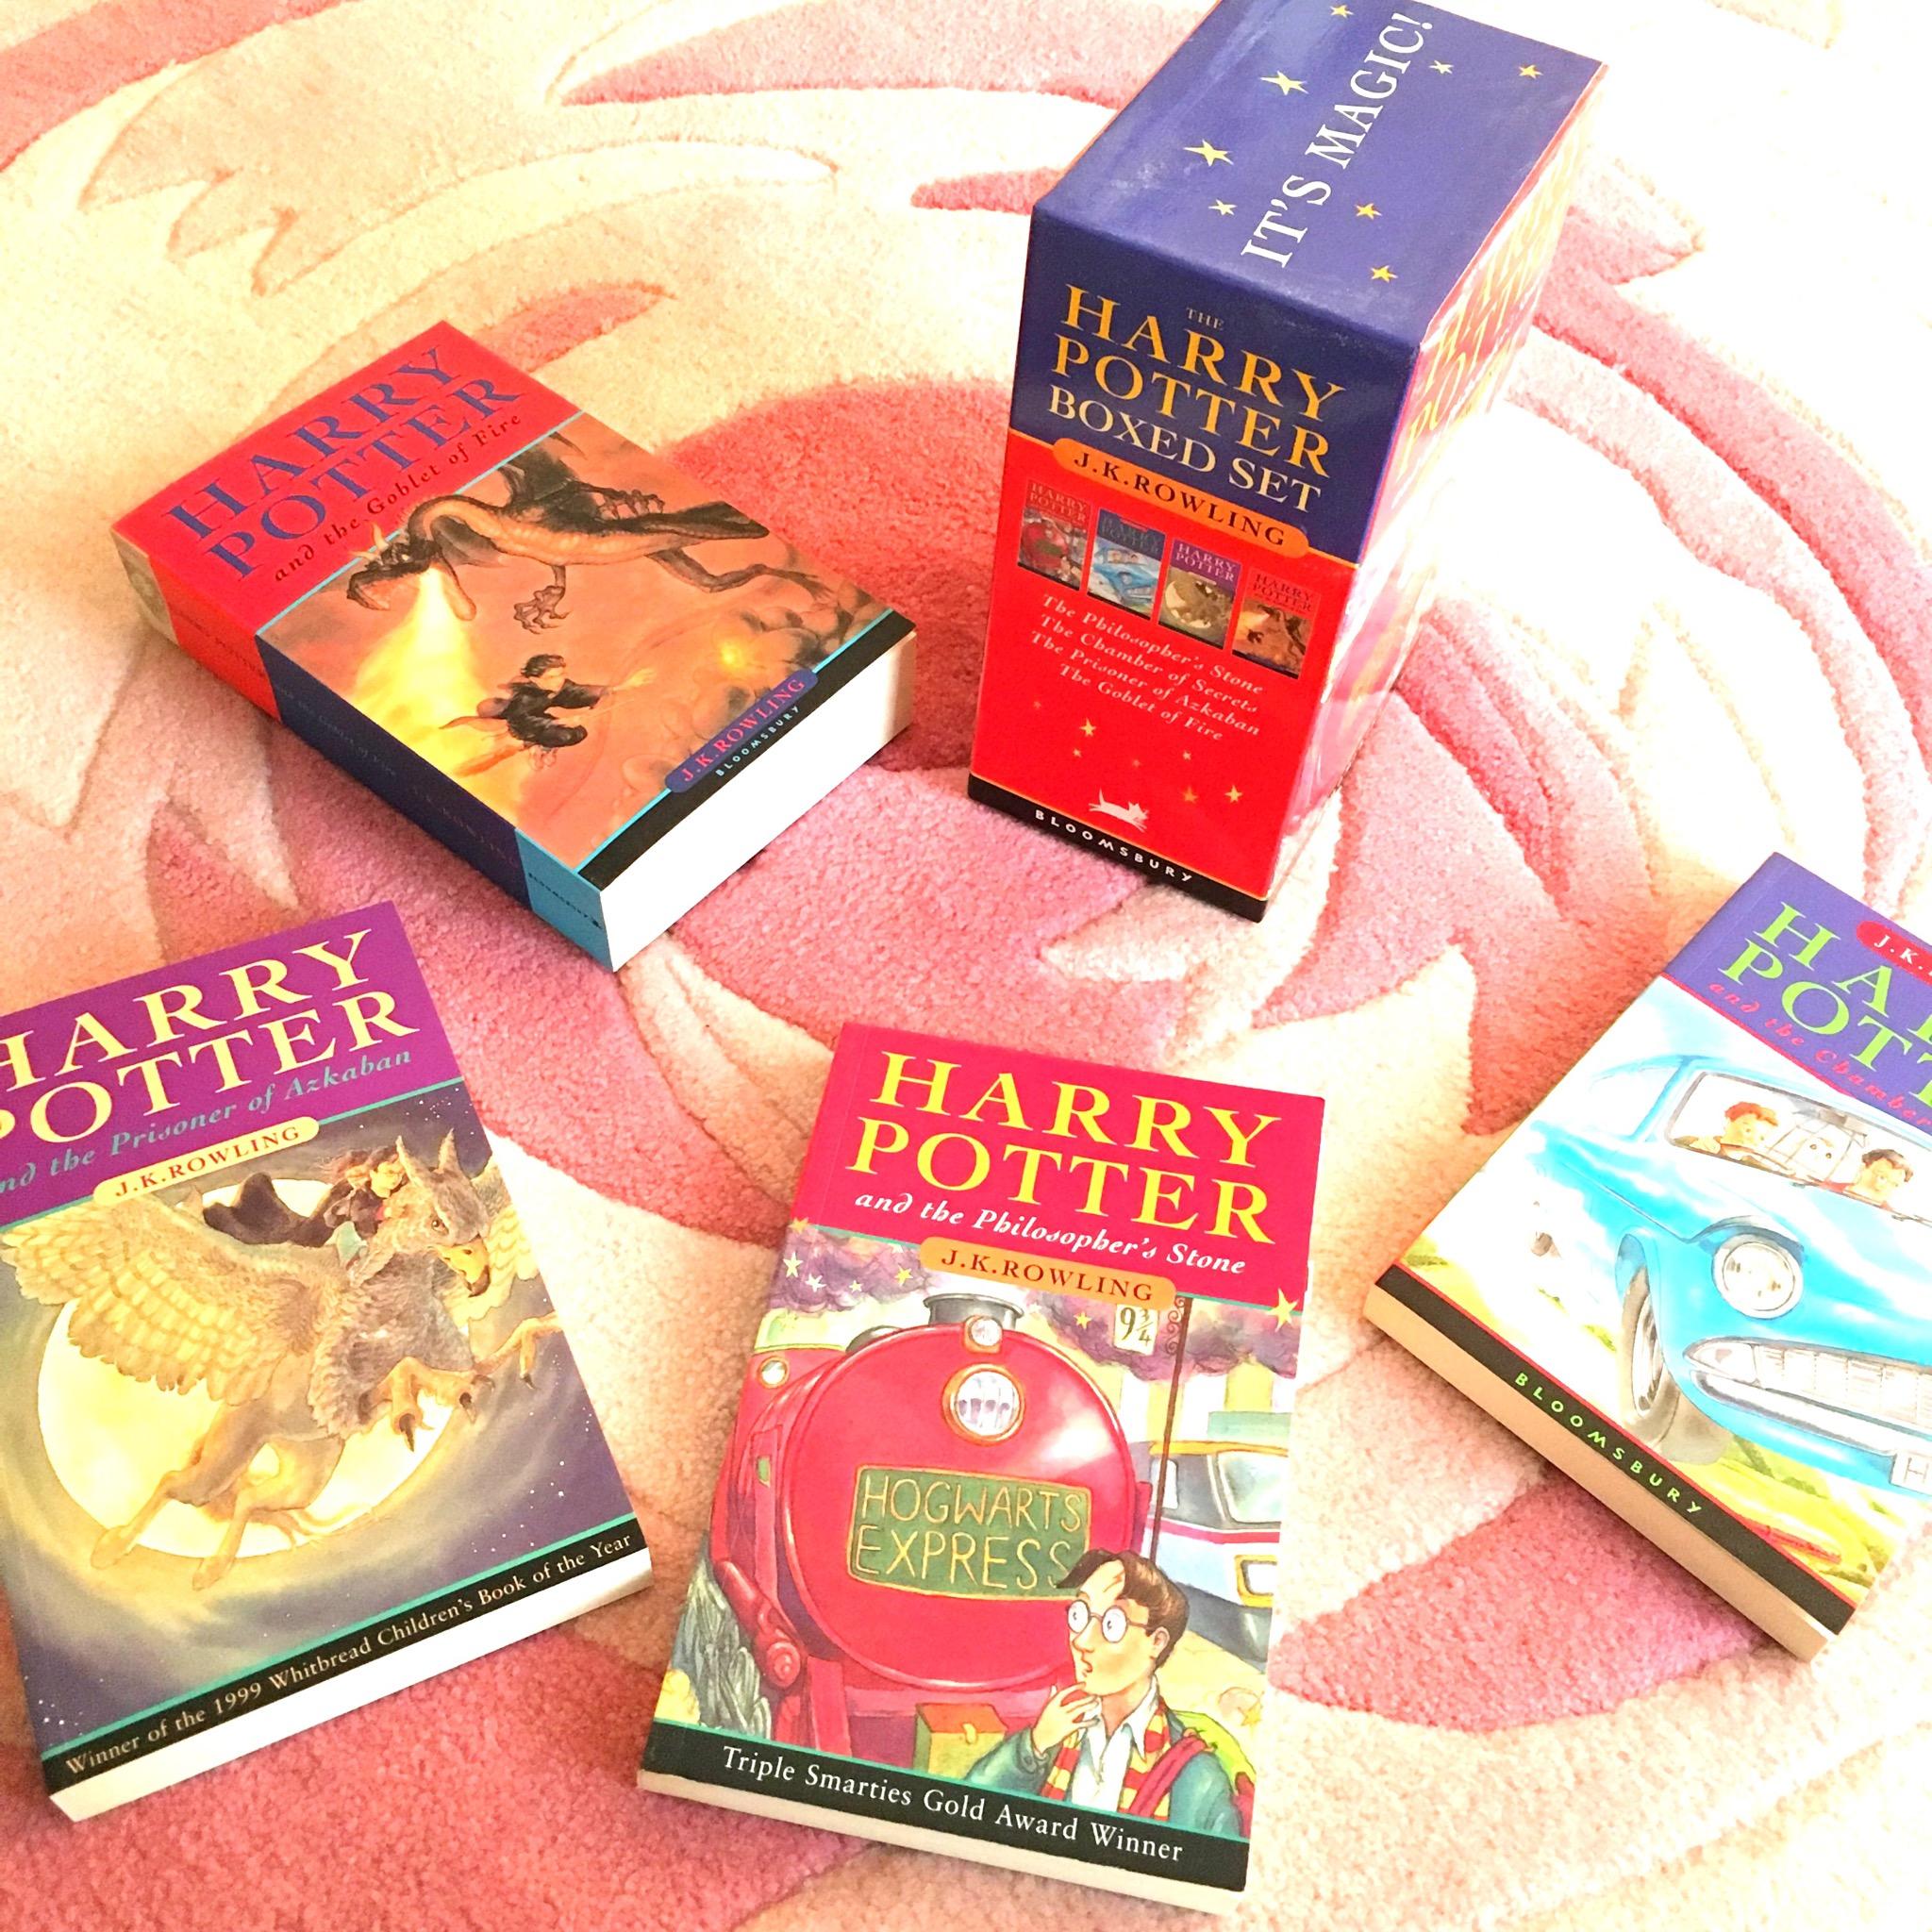 【悲報】ハリーポッターを原書と翻訳で読んだら予想外に残念だった件